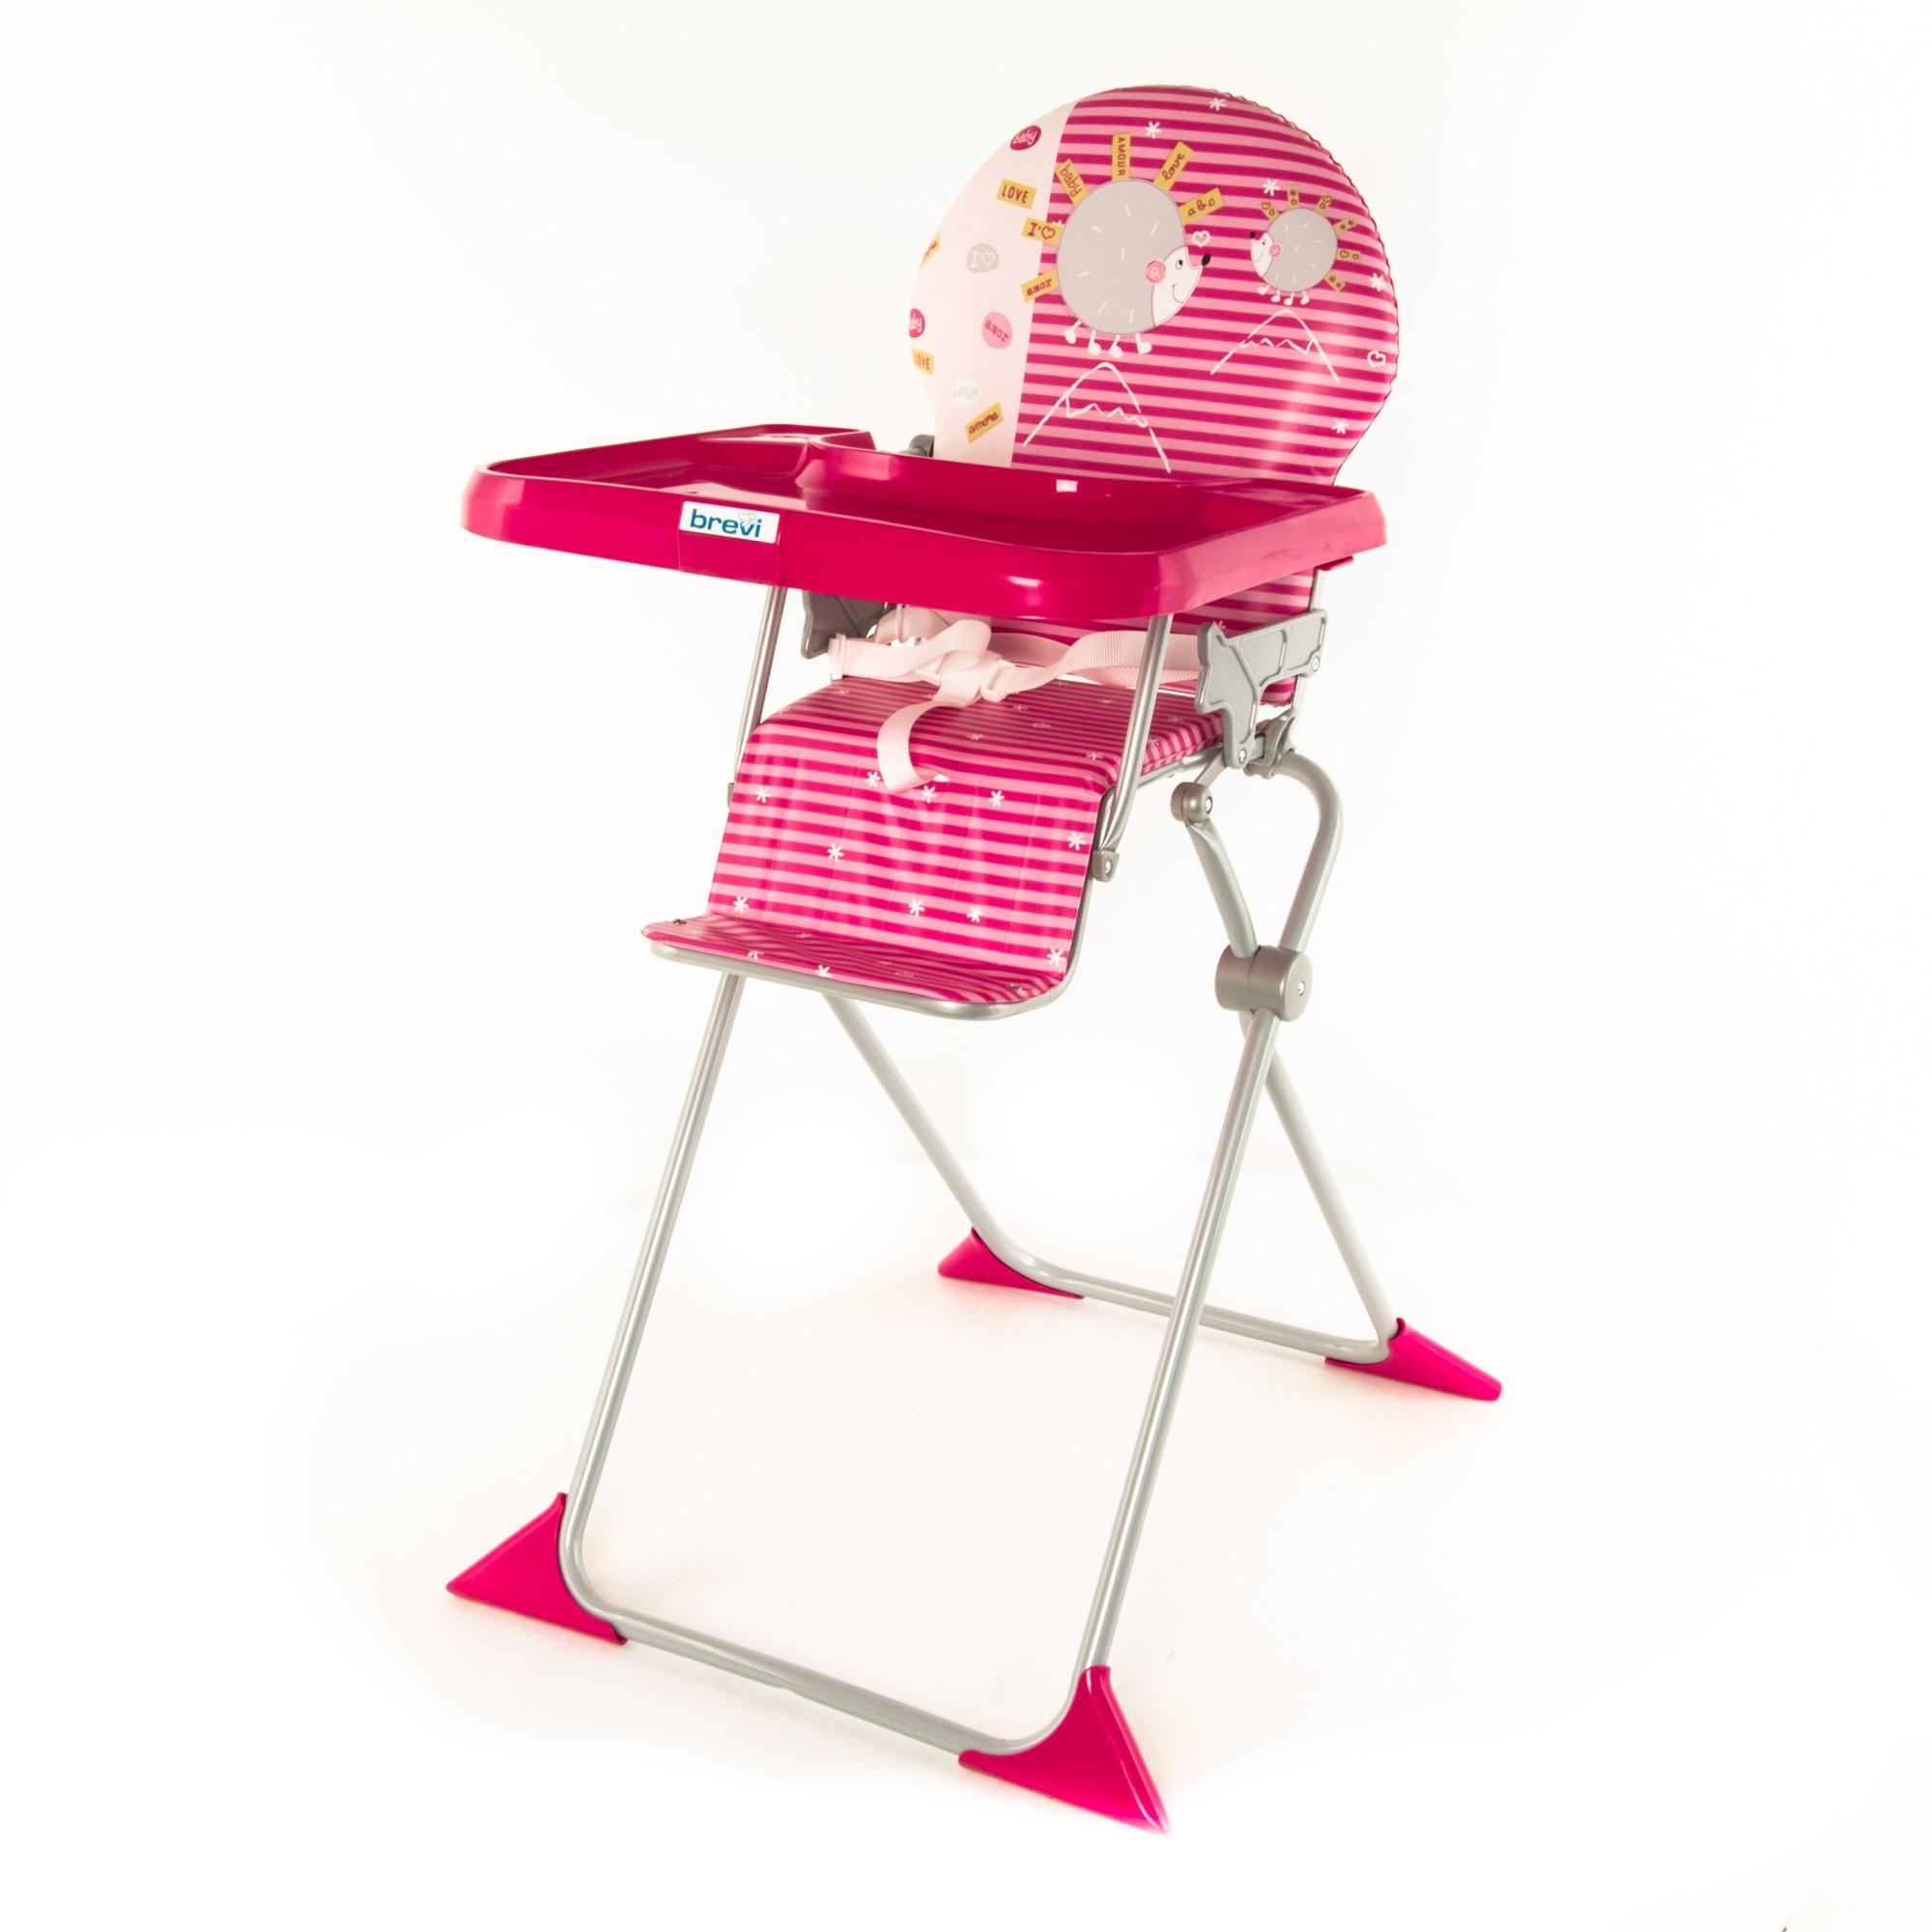 Стульчик для кормления Brevi Junior, цвет: розовый/с ёжиком